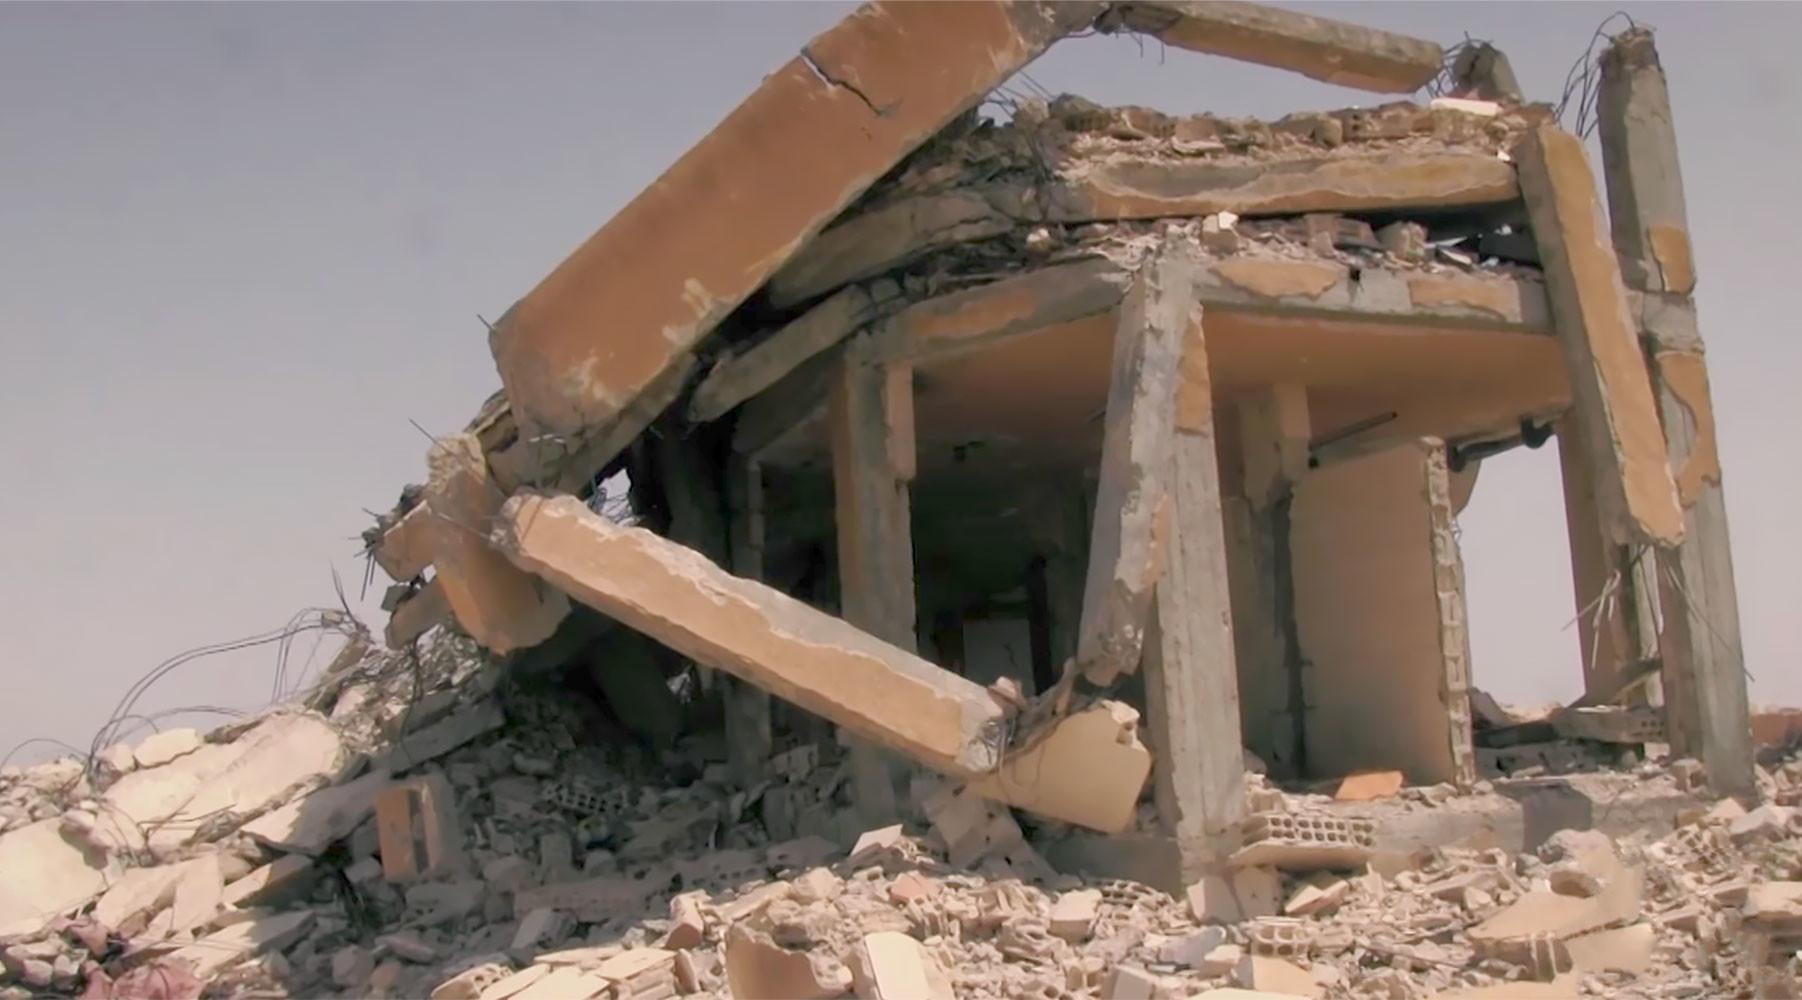 В HRW заявили о гибели 84 мирных граждан при ударах коалиции в Сирии в марте